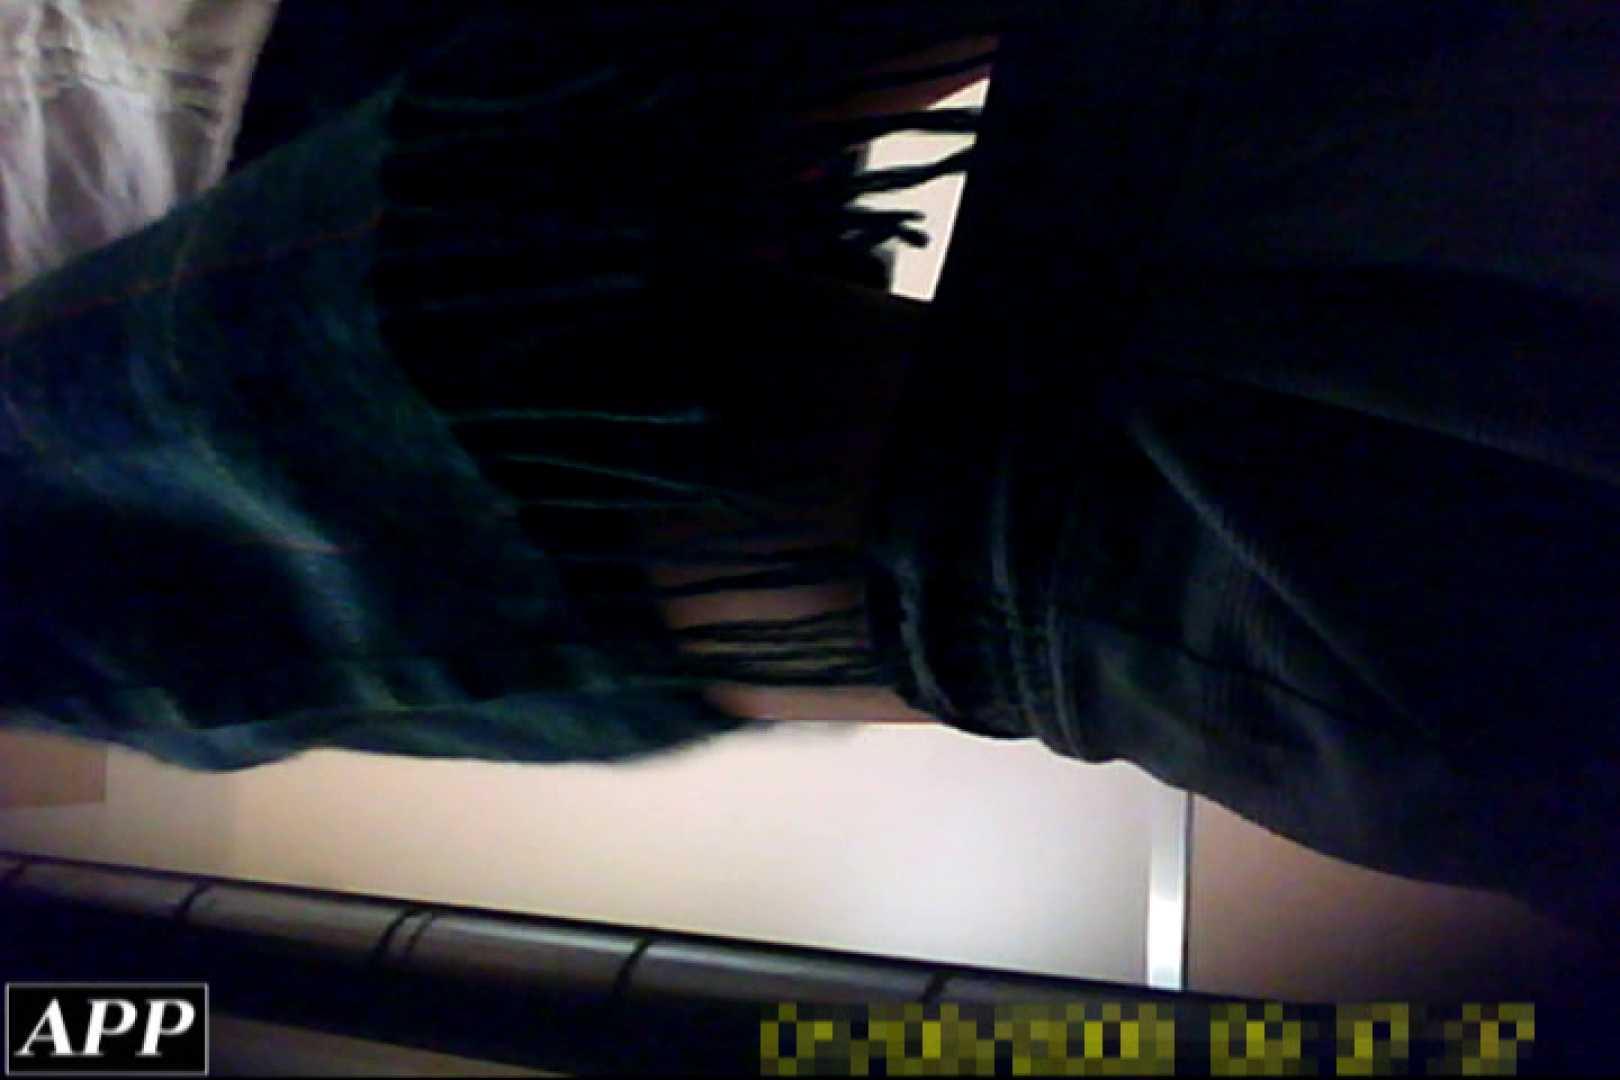 3視点洗面所 vol.96 OLのボディ エロ画像 84PIX 74